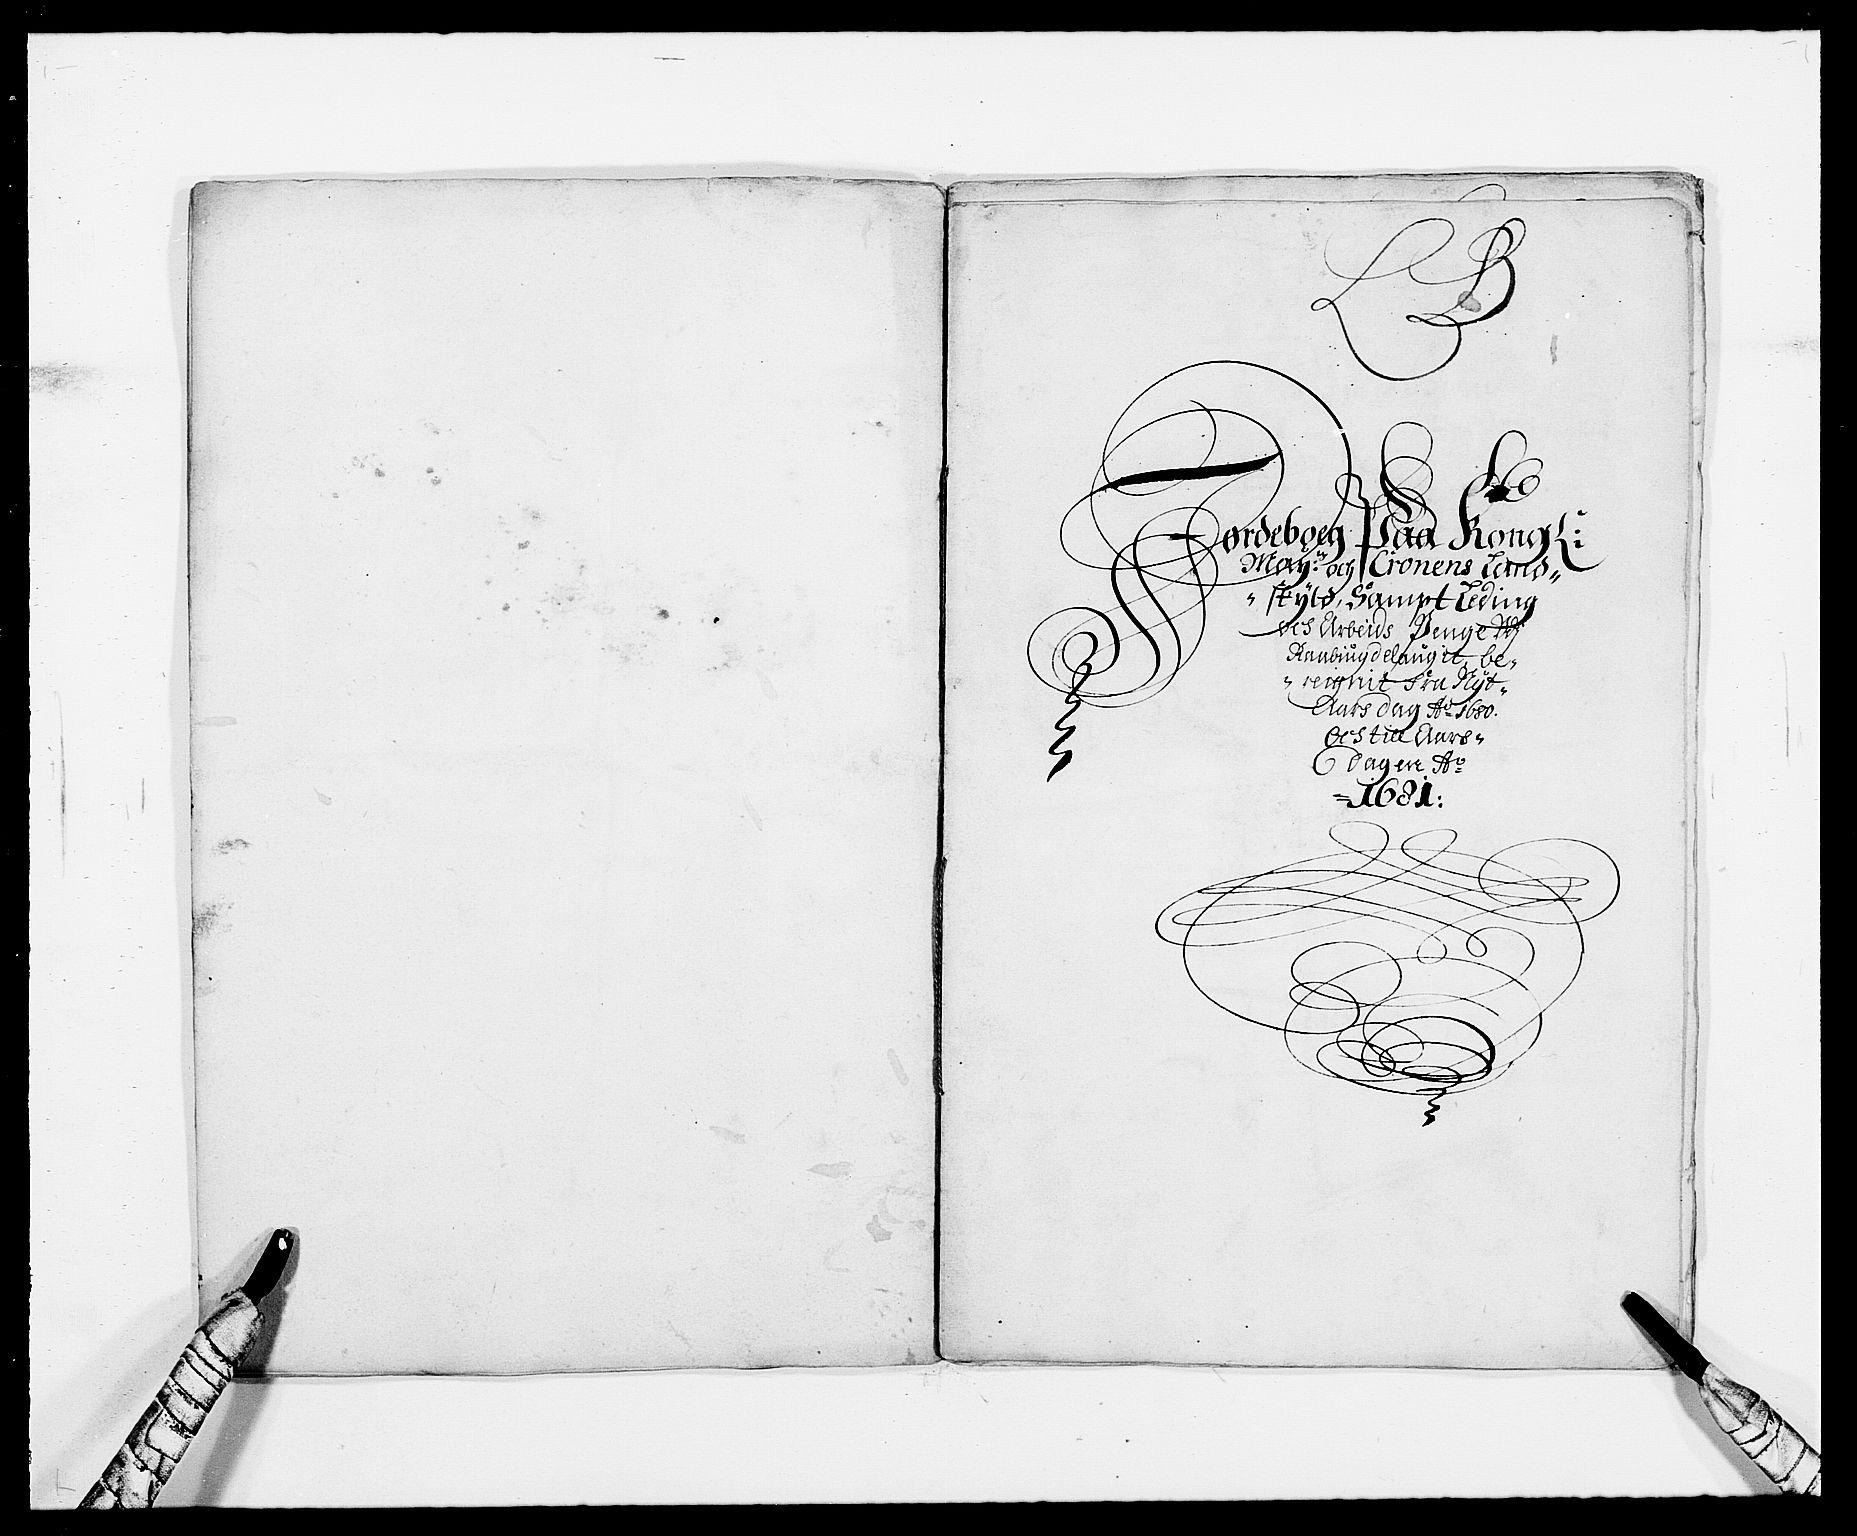 RA, Rentekammeret inntil 1814, Reviderte regnskaper, Fogderegnskap, R40/L2436: Fogderegnskap Råbyggelag, 1679-1680, s. 216